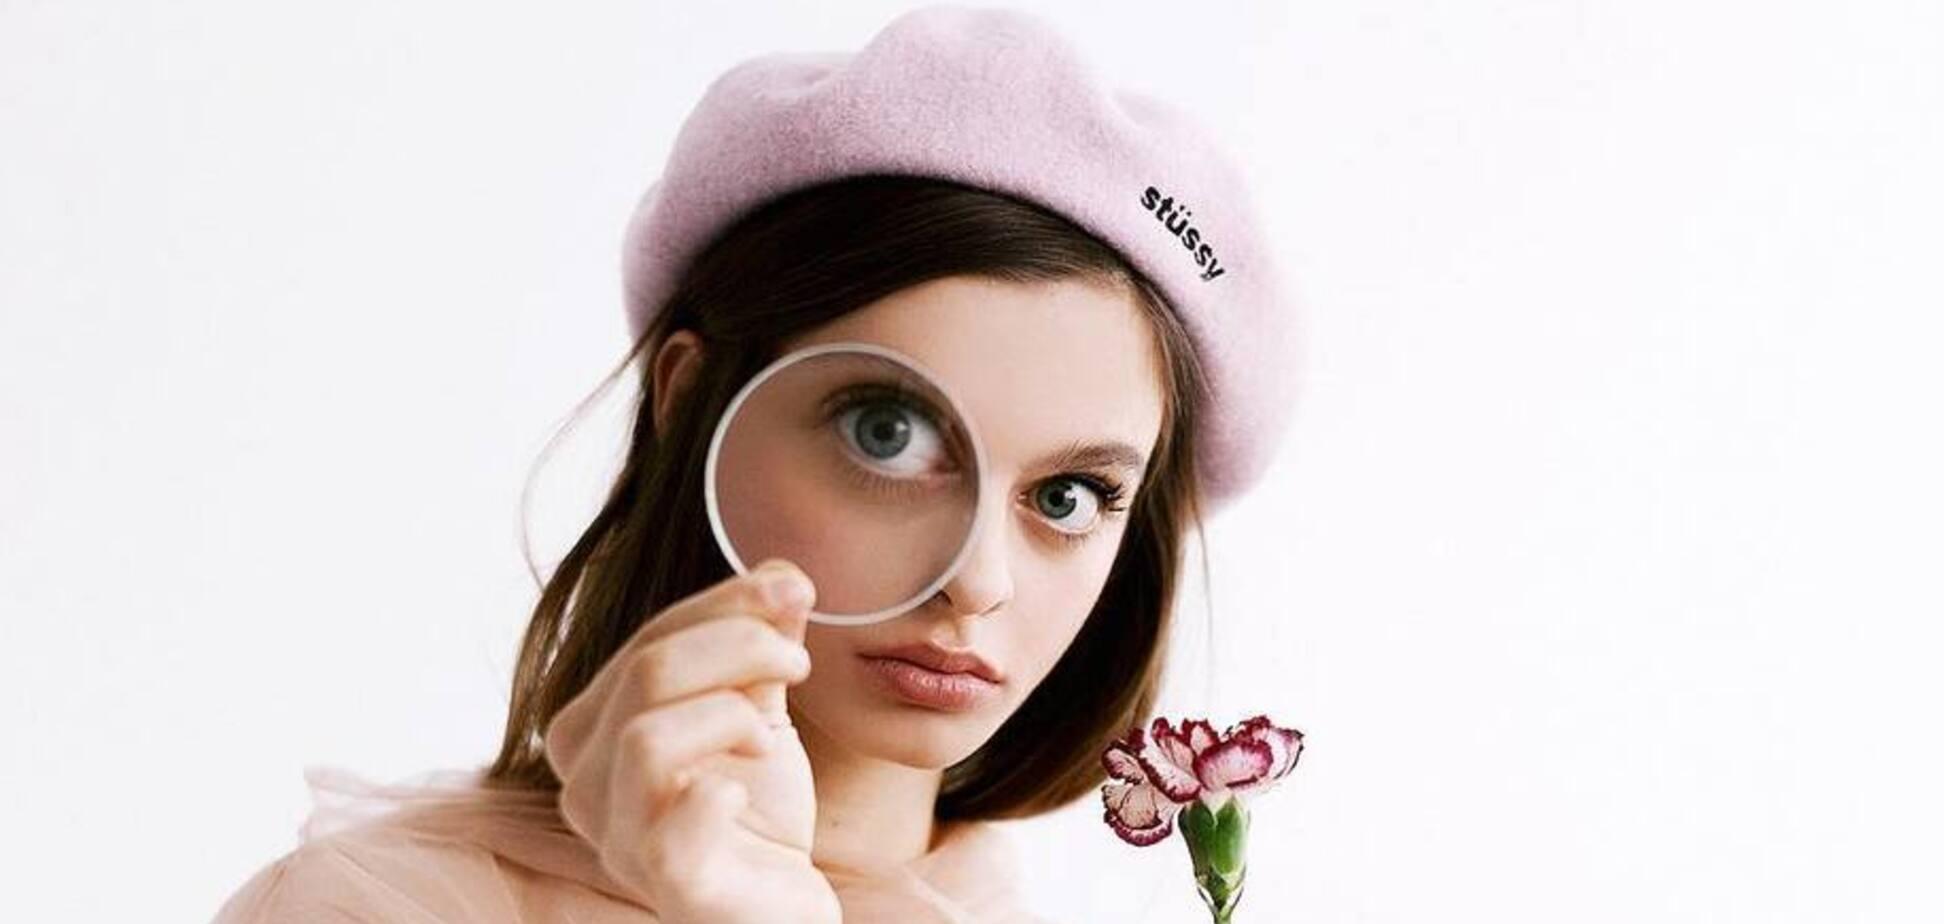 Как выглядит украинка с самыми большими глазами в мире: фото красавицы